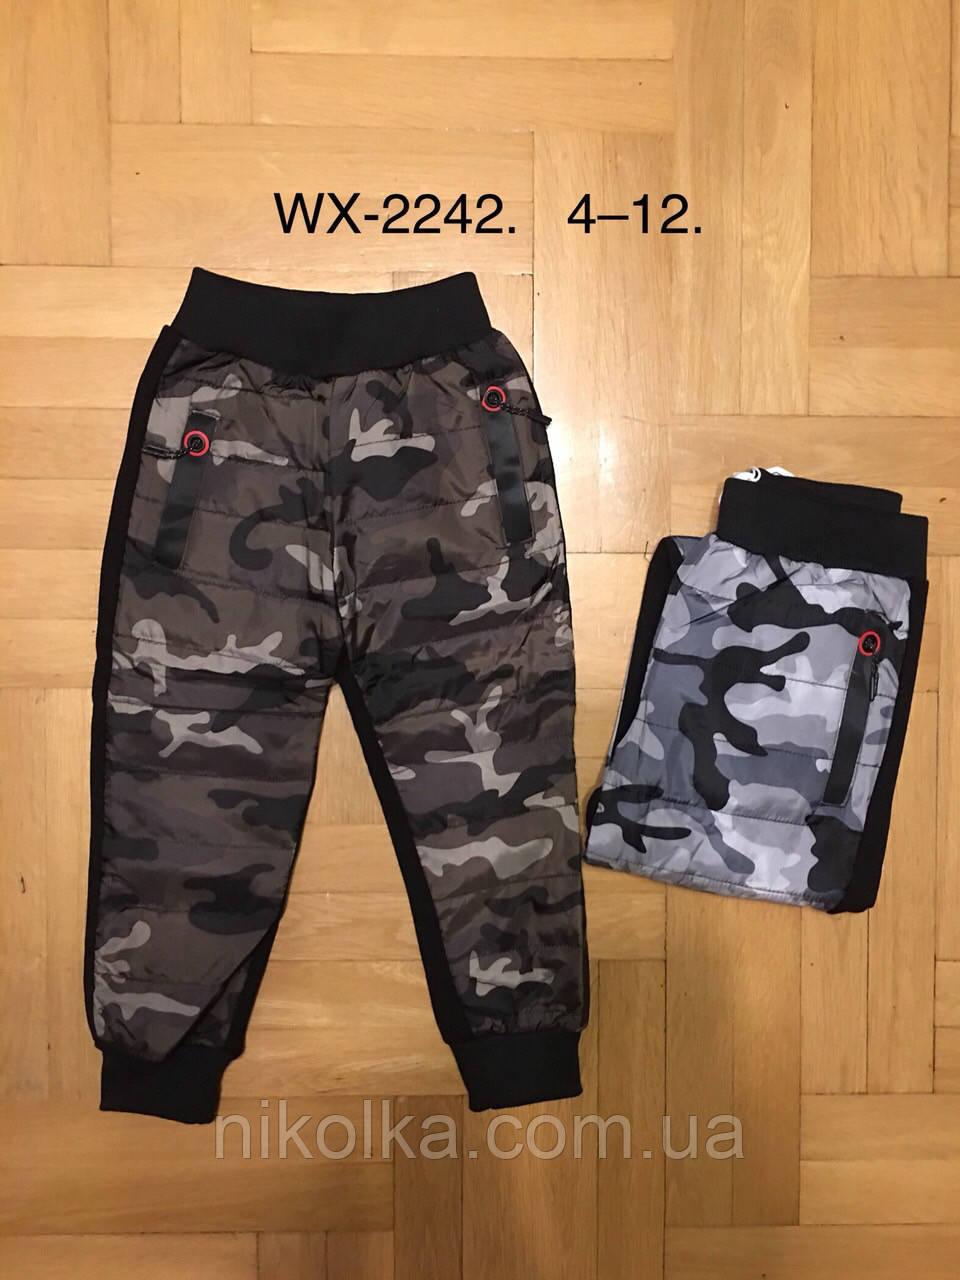 bdc9cc26057e Спортивные брюки на меху для мальчиков оптом, F D, 4-12 лет., арт. WX-2242